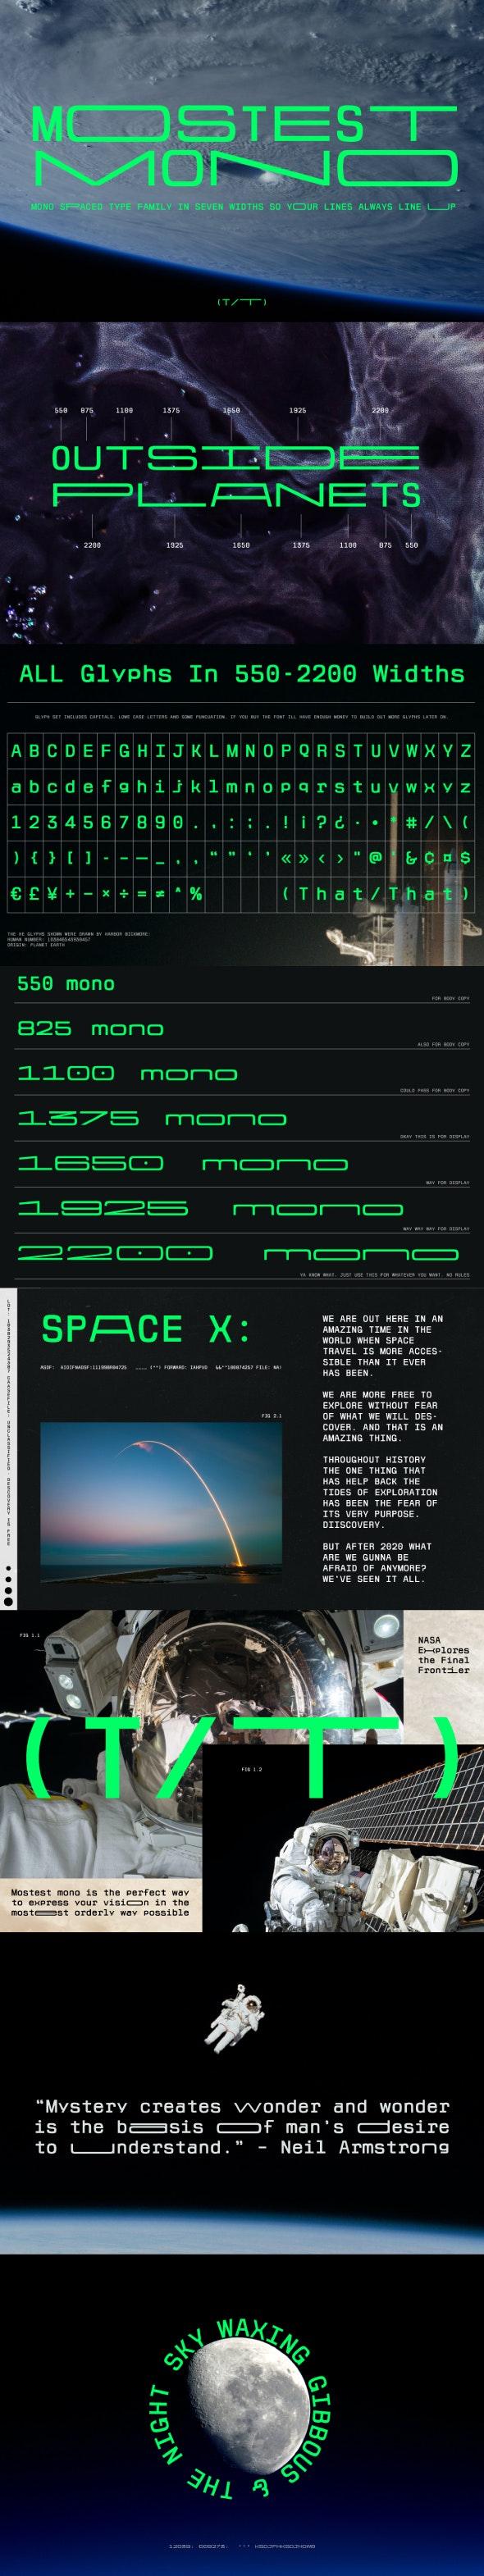 Mostest Mono monospaced Font family - Futuristic Decorative